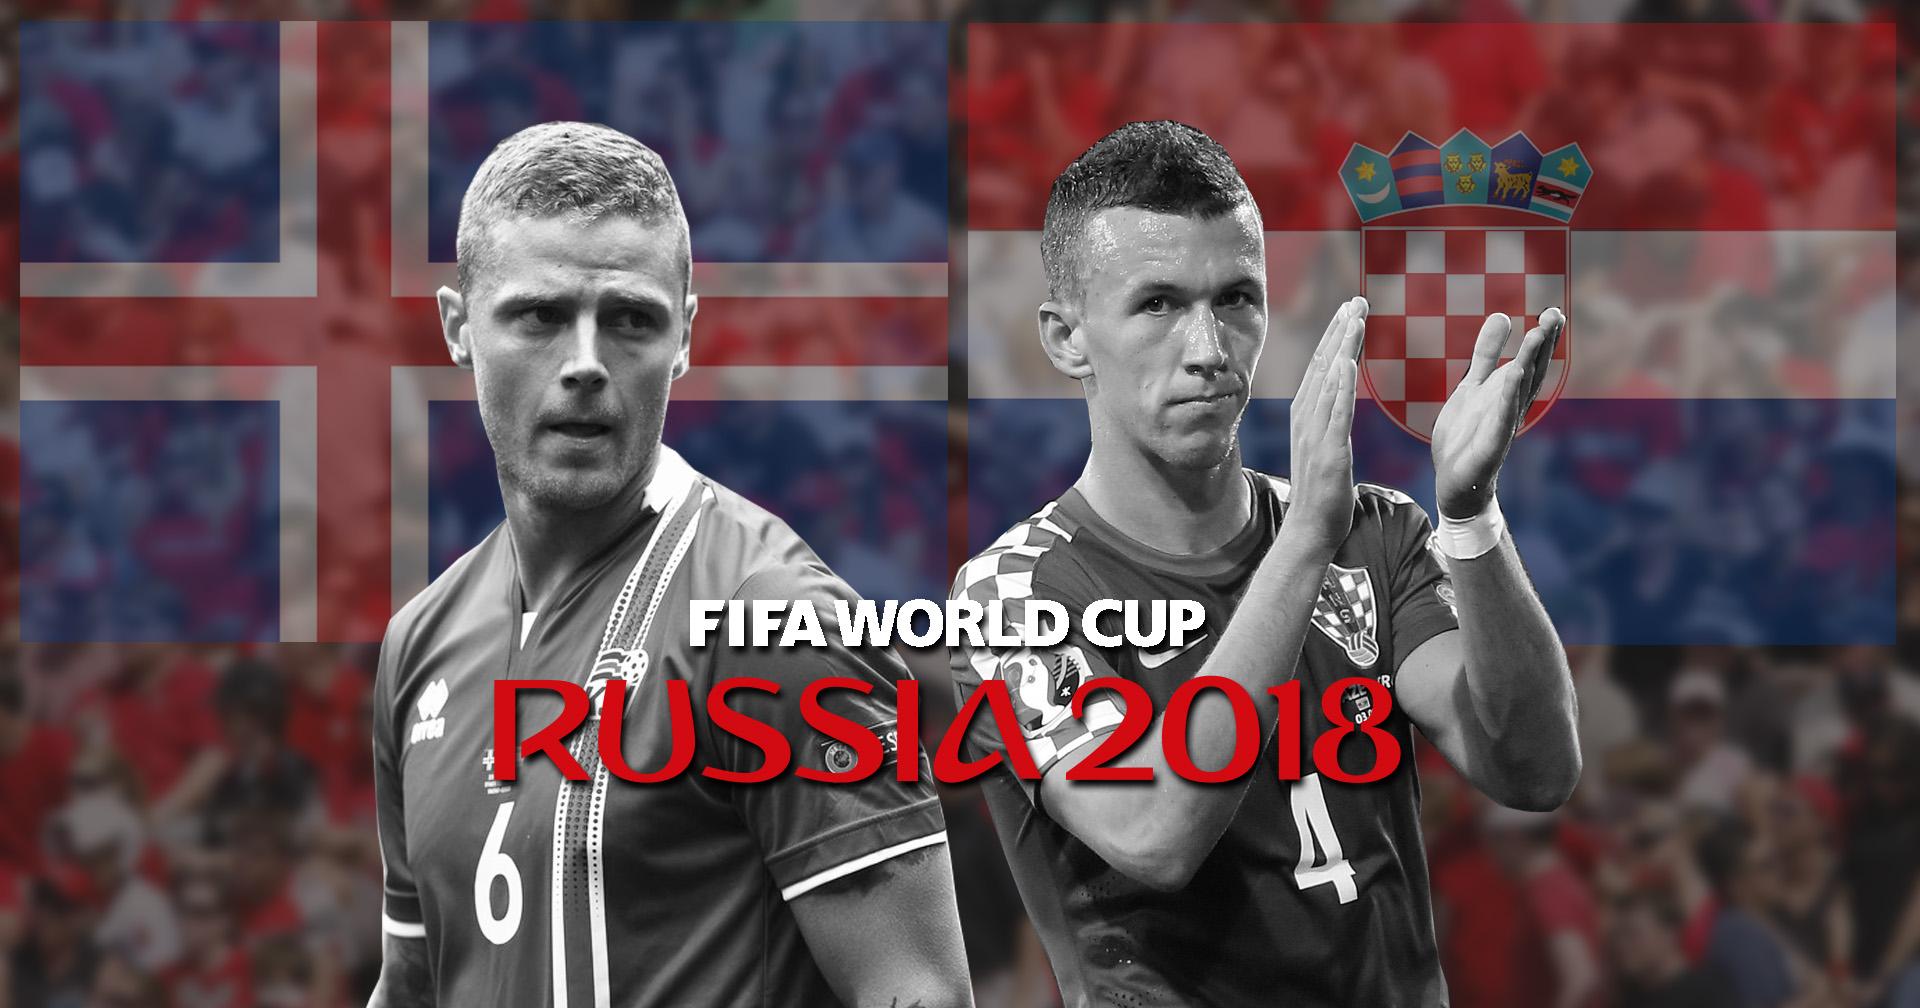 UŽIVO U finišu utakmice Island poveo